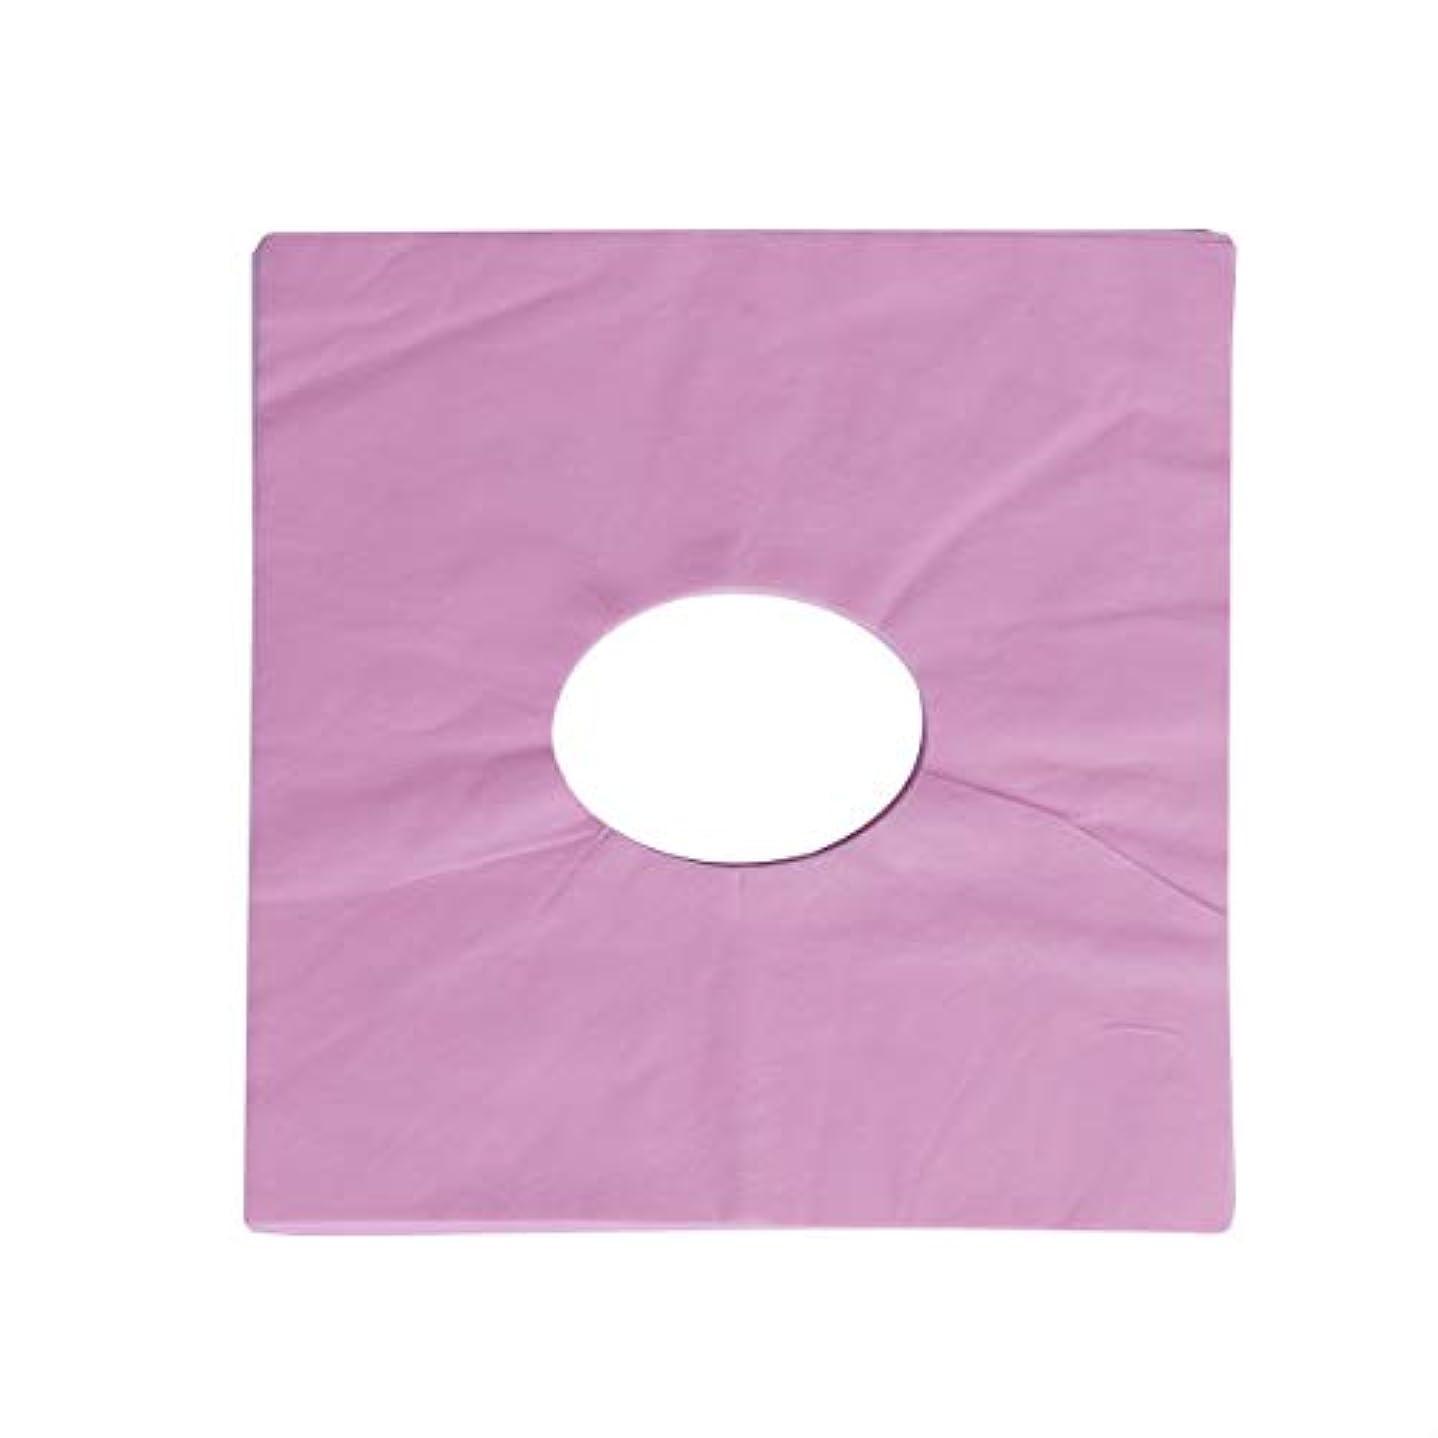 勝者鮫シーンHealifty 100ピース使い捨てマッサージフェイスクレードルカバーフェイスマッサージヘッドレストカバースパ用美容院マッサージ(ピンク)